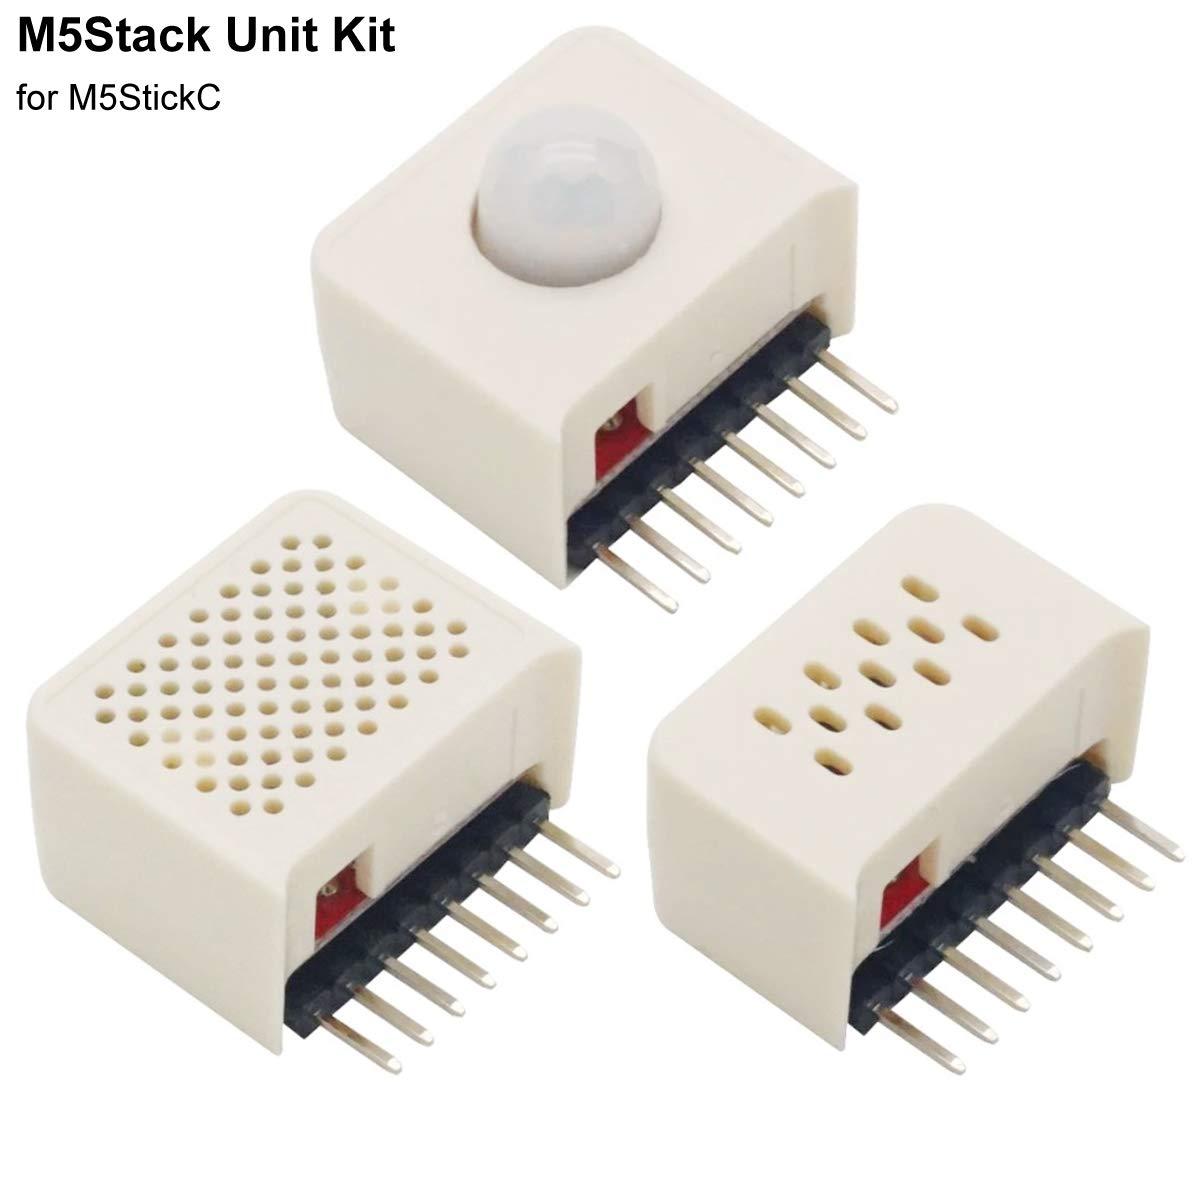 Kit de unidad M5Stack para M5StickC Hat ENV Hat PIR y Hat SPK Estación meteorológica y aplicación de brújula Sensor de i